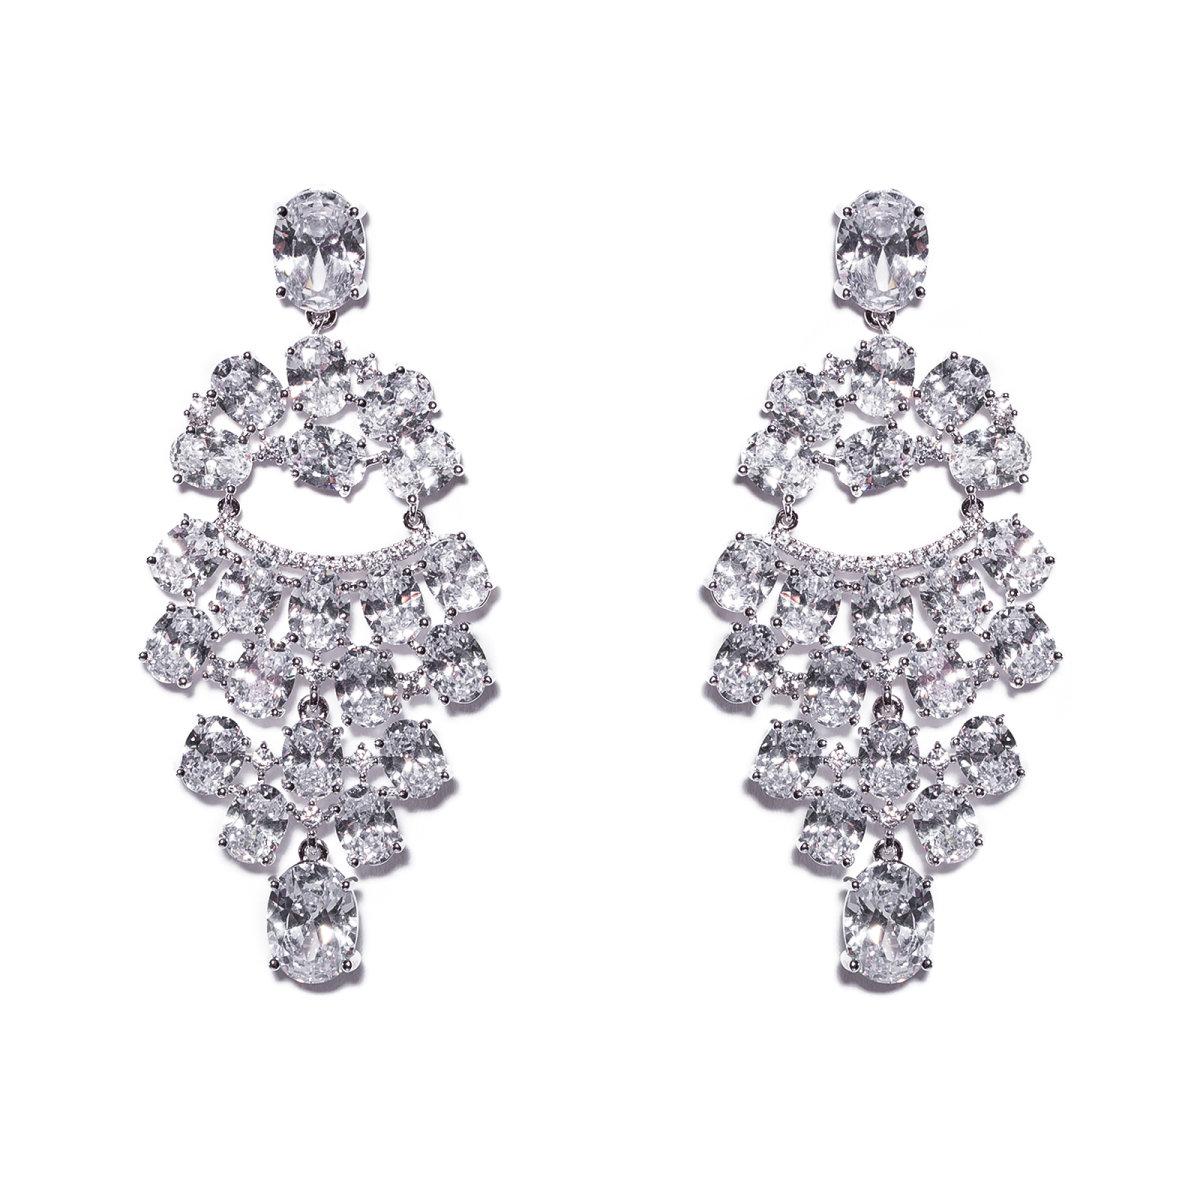 Cercei stralucitori cu cristale de zirconiu Argintiu